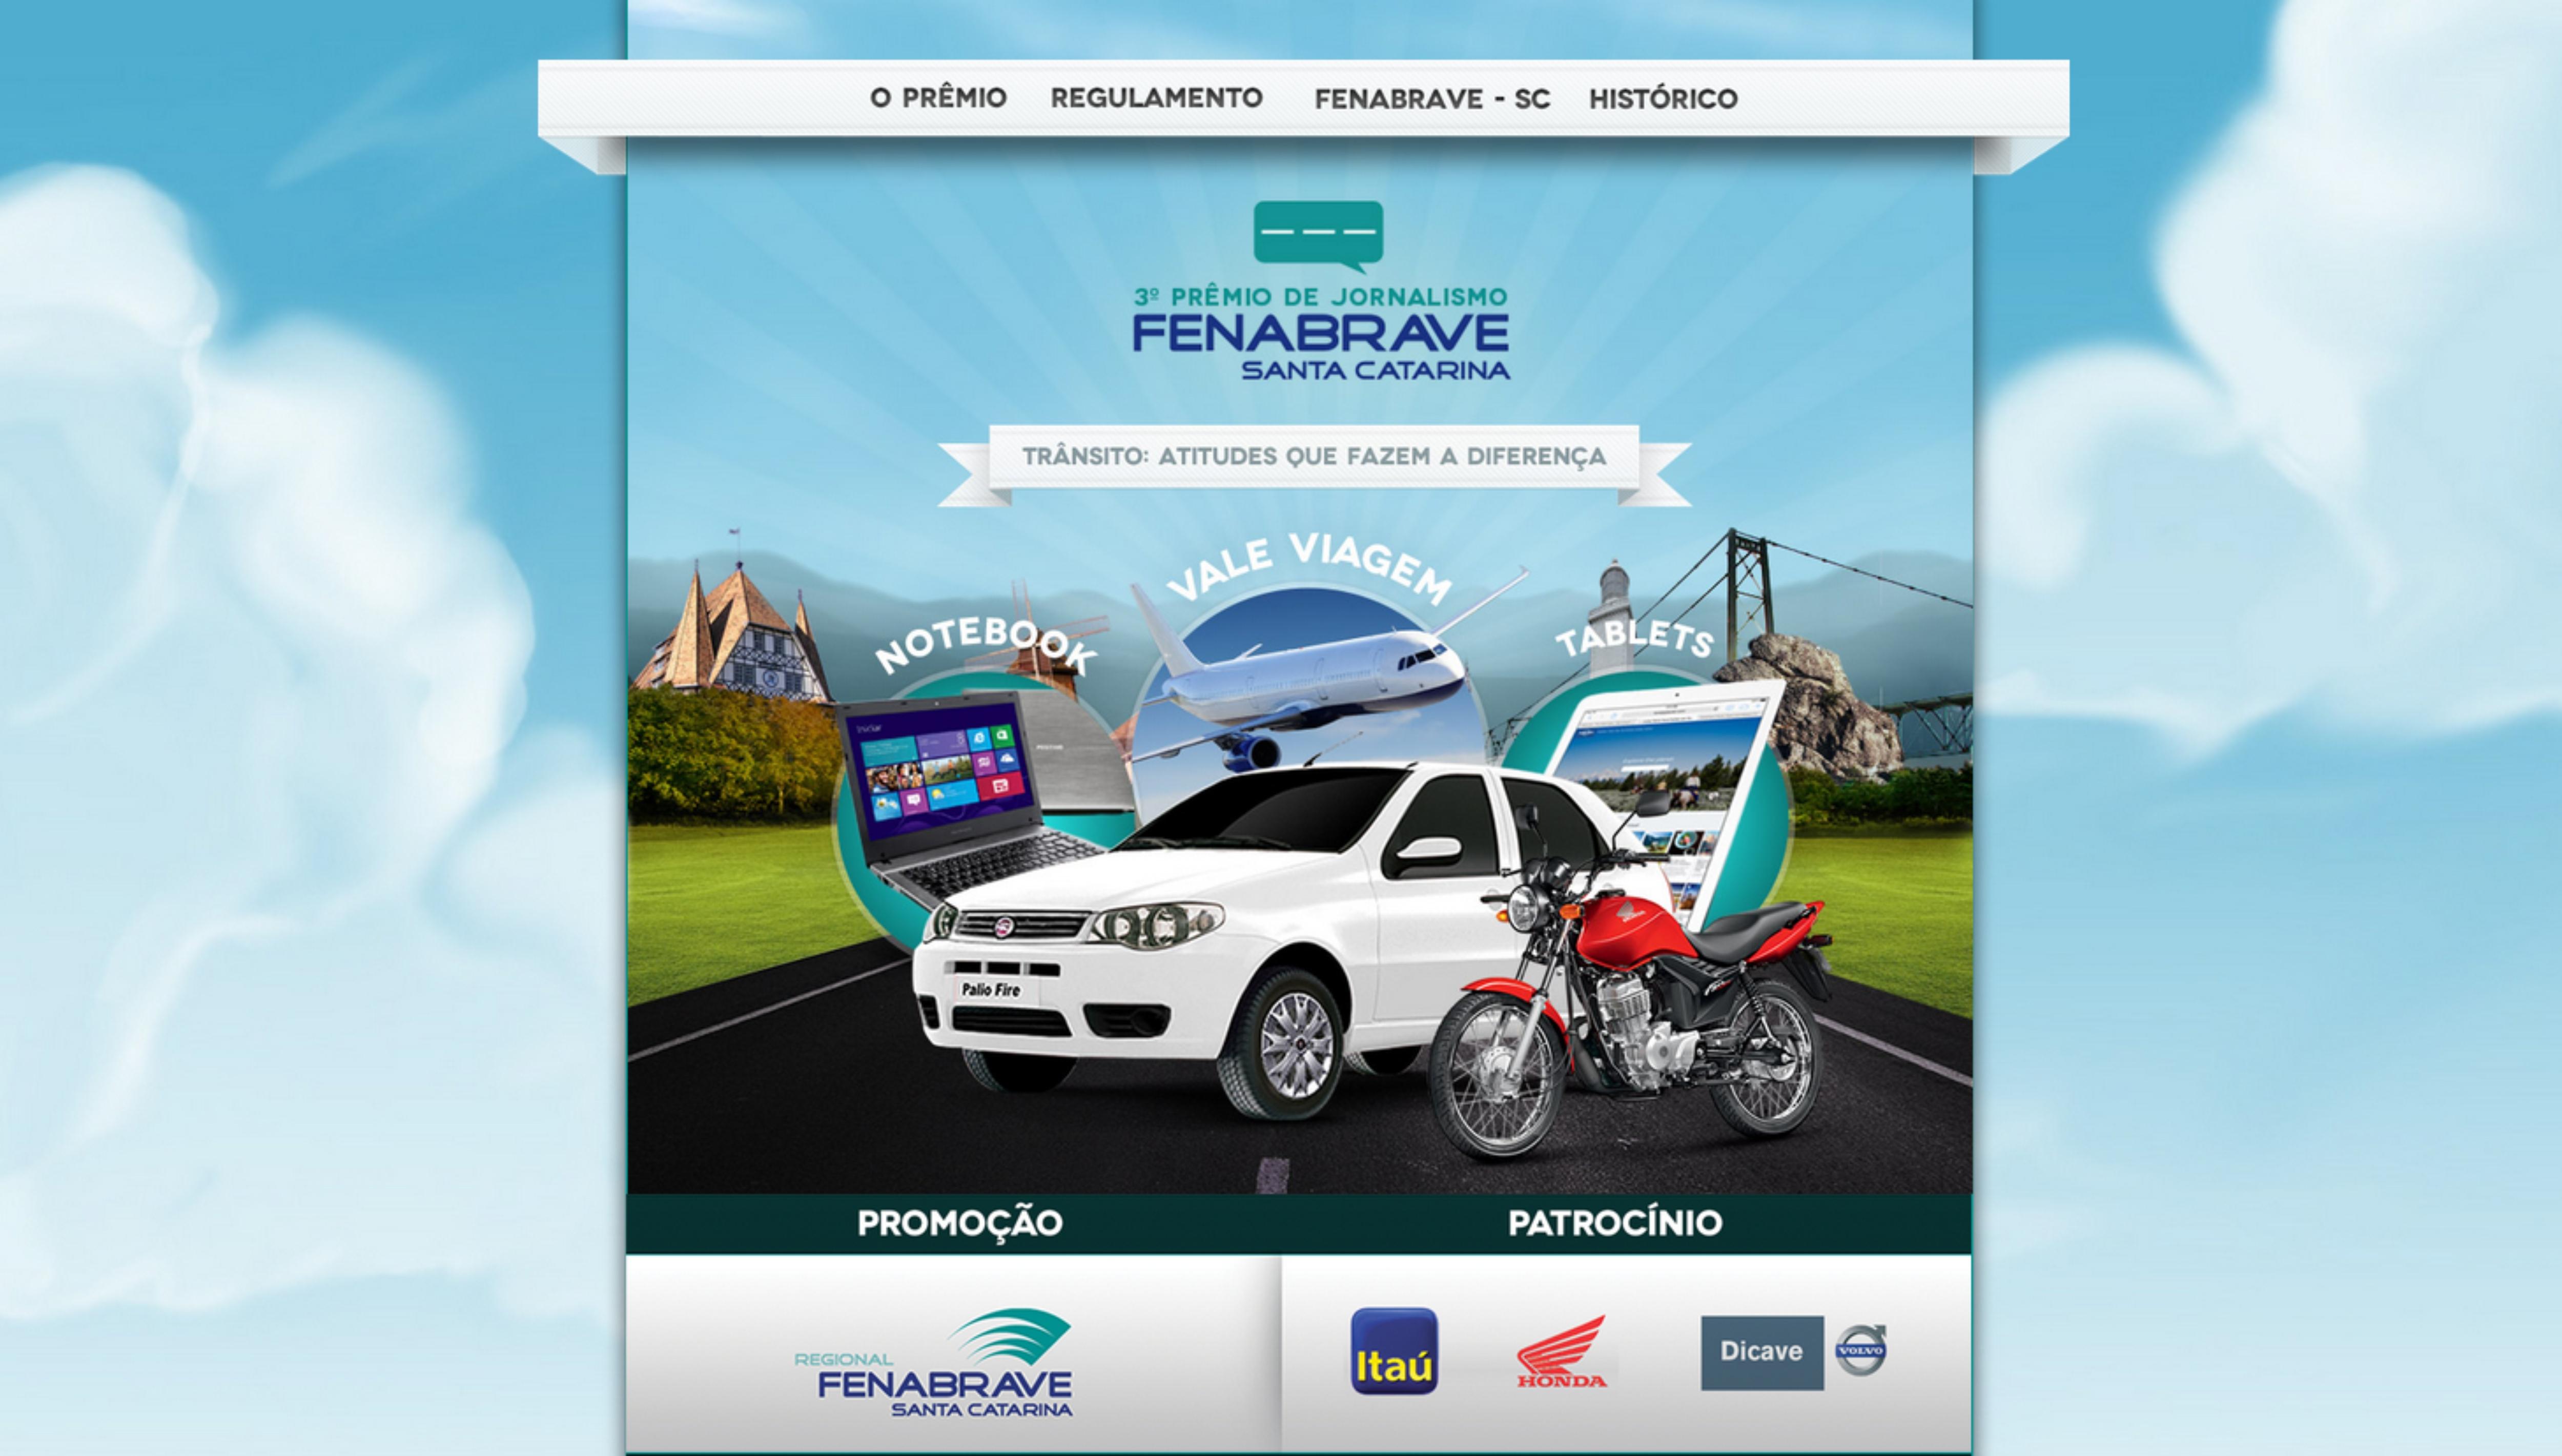 Prêmio Fenabrave-SC de Jornalismo